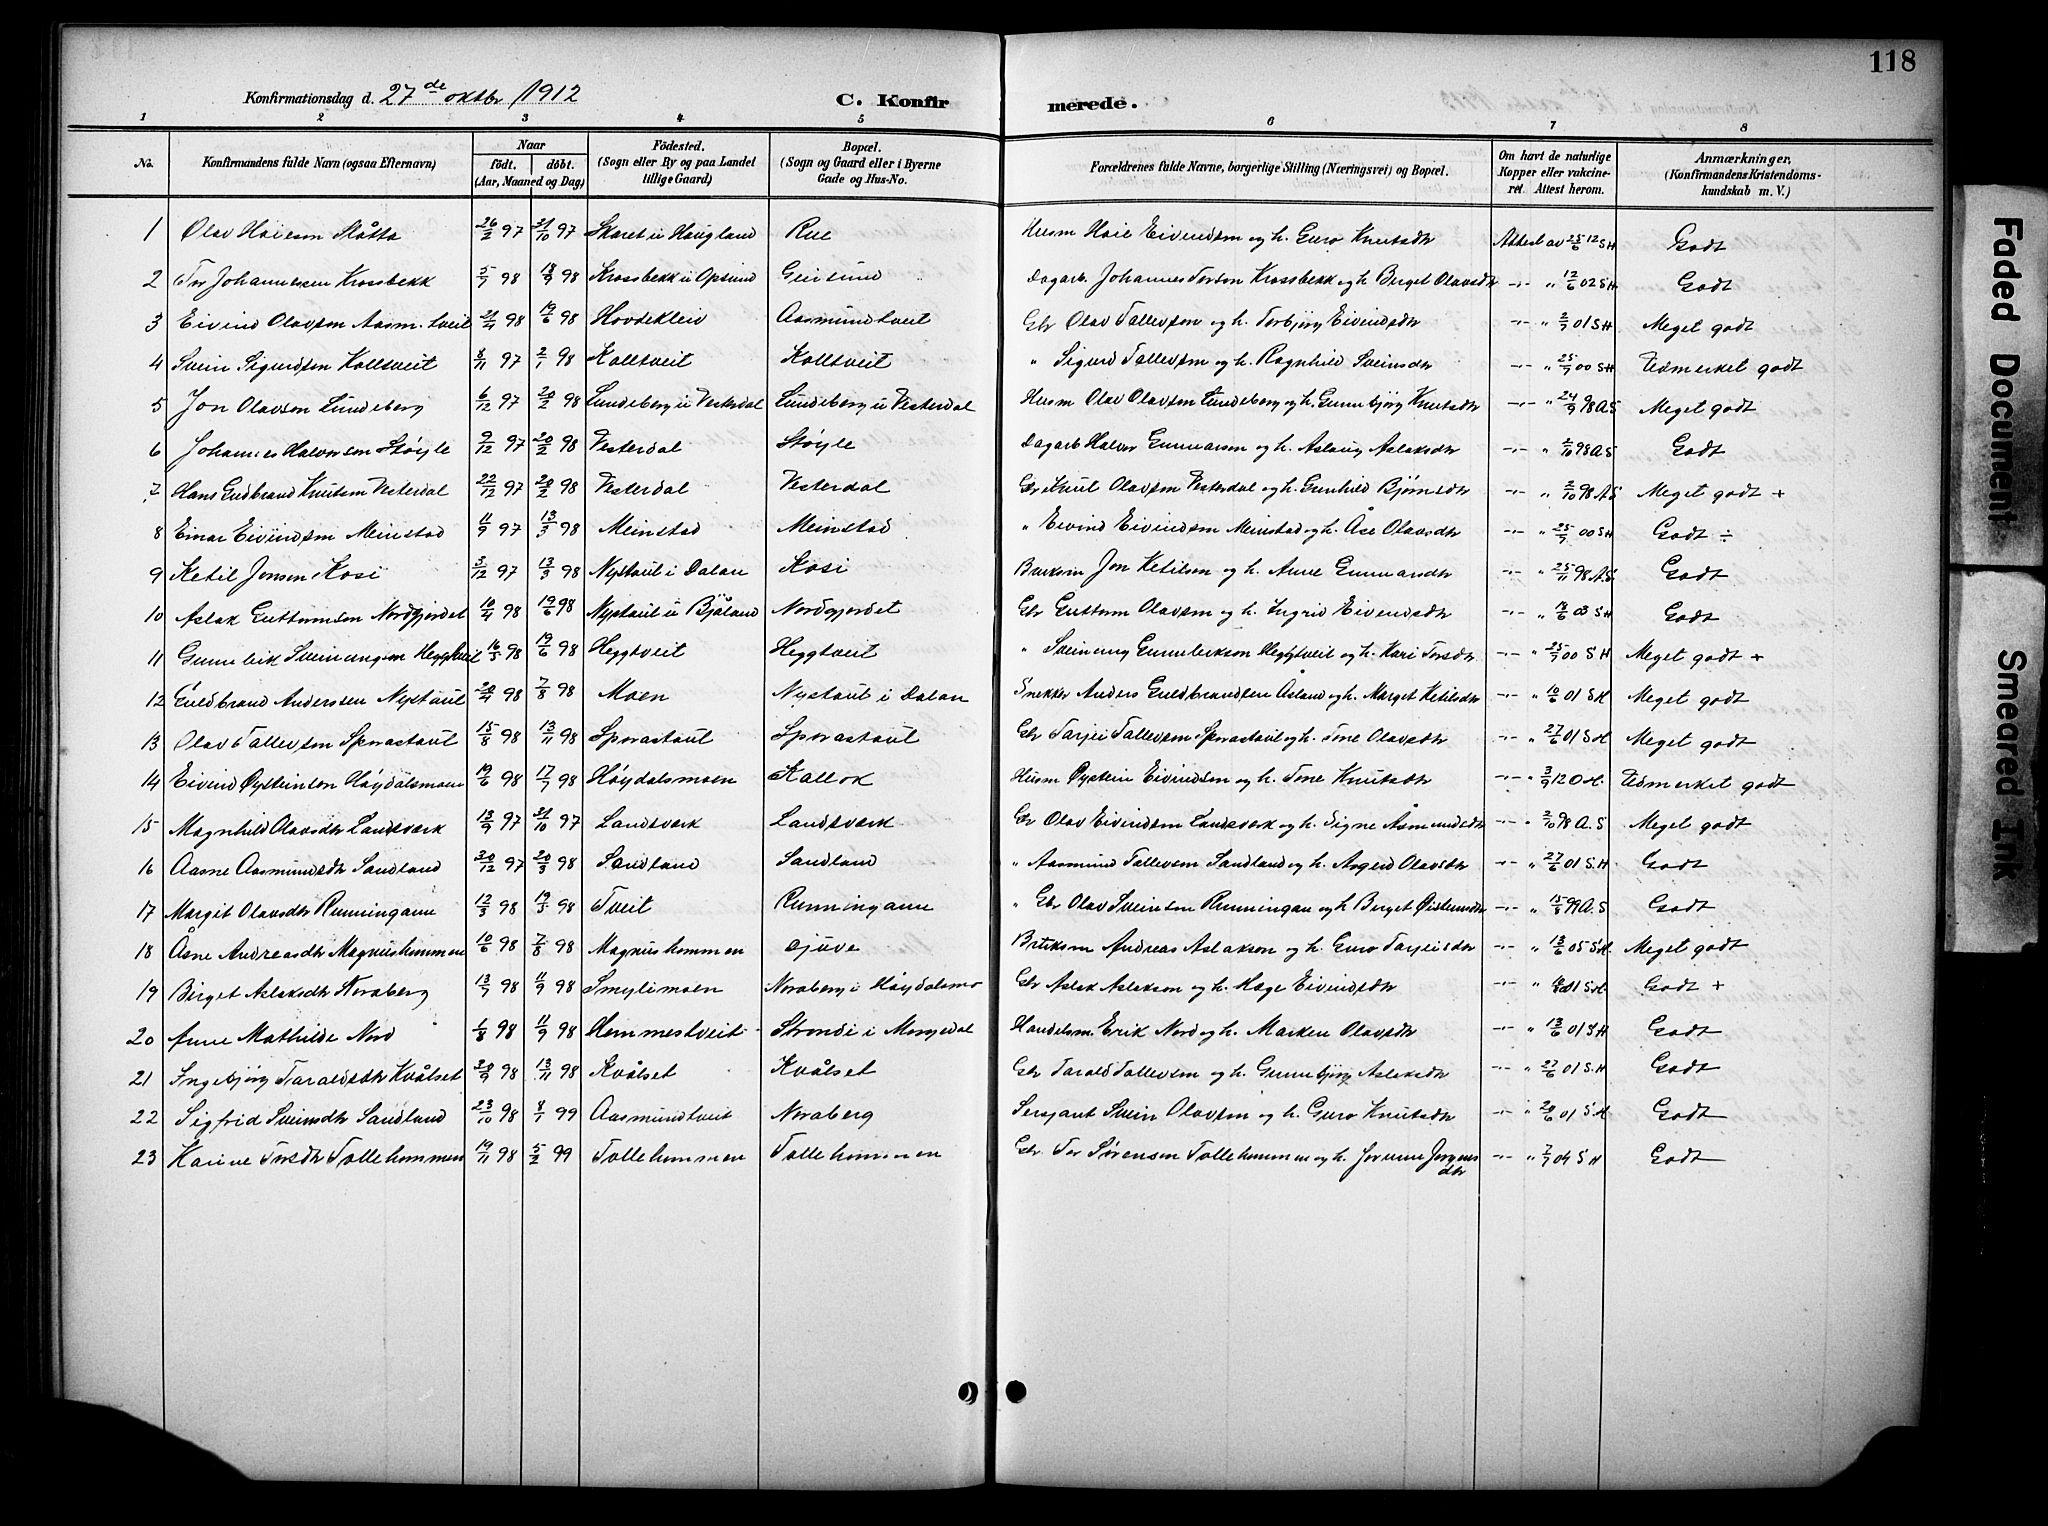 SAKO, Kviteseid kirkebøker, G/Gb/L0003: Klokkerbok nr. II 3, 1893-1933, s. 118